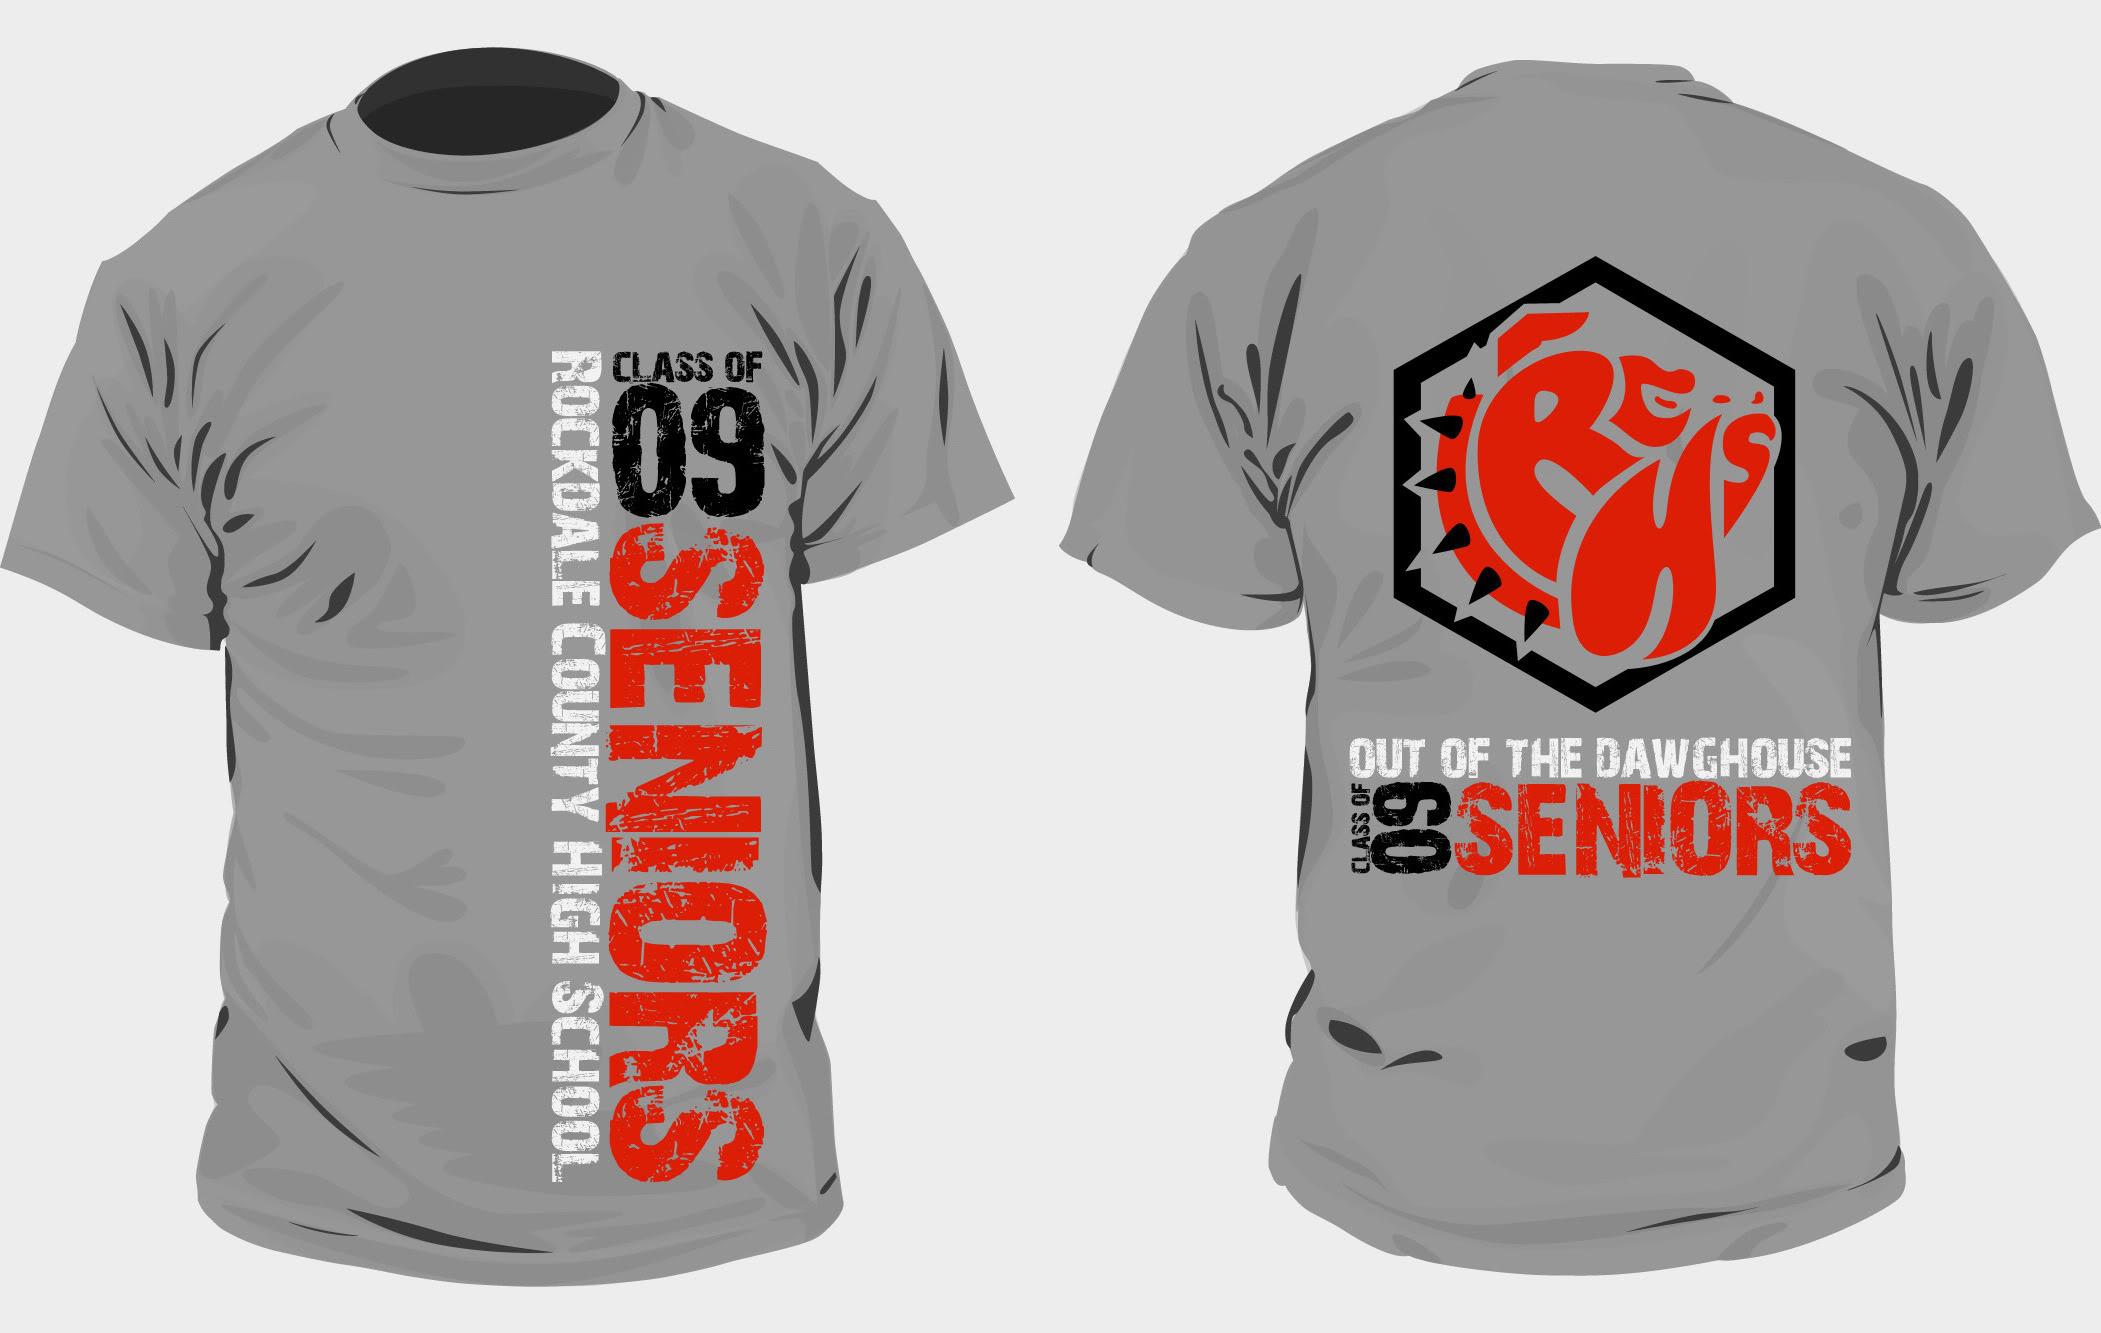 High School Sport Shirt Designs - DREAMWORKS